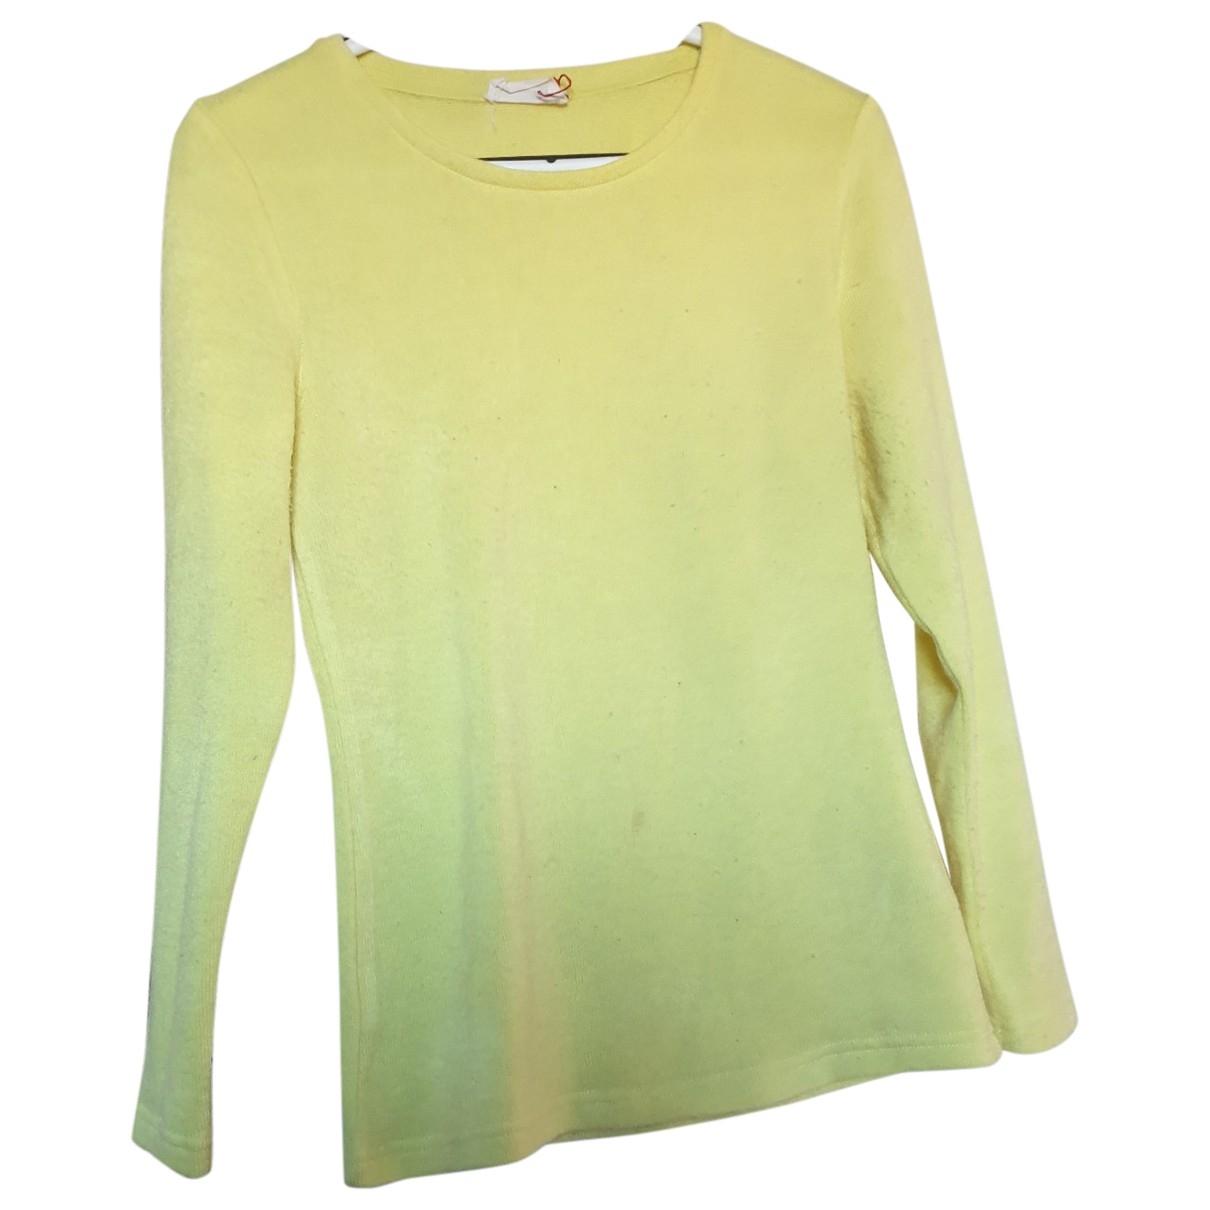 American Vintage \N Pullover in  Gelb Synthetik